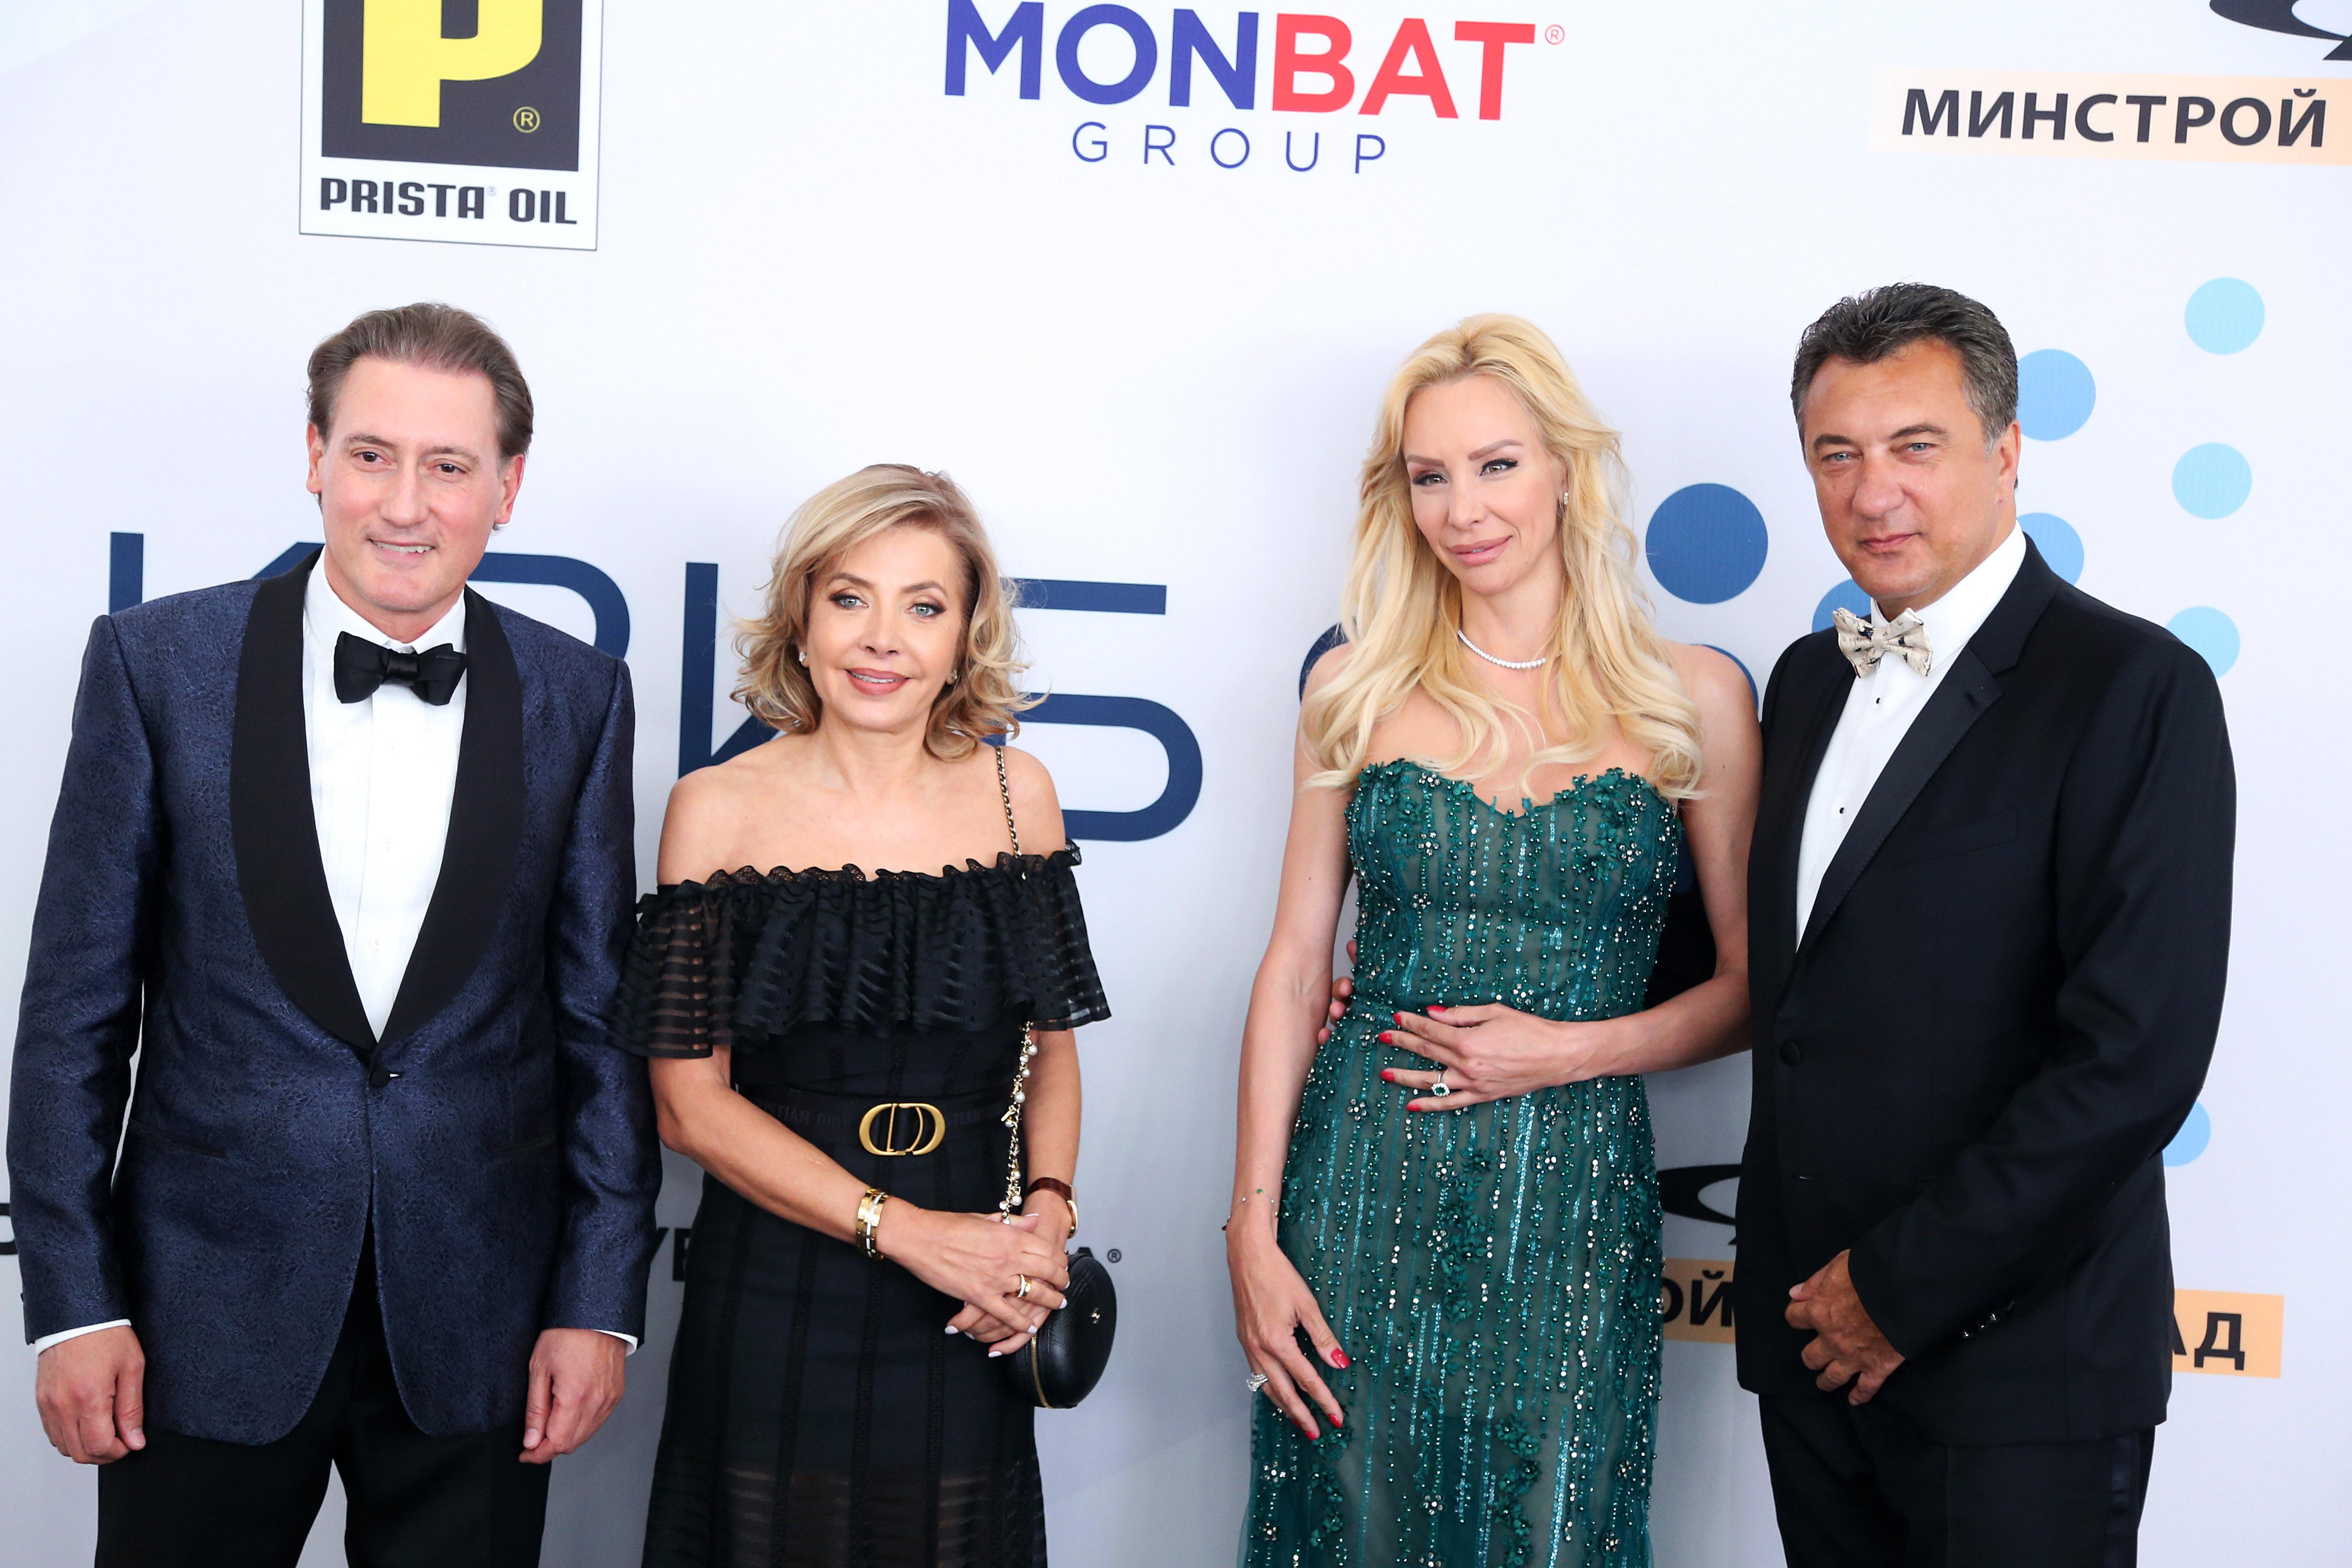 За пета поредна година КРИБ организира годишния бал под патронажа на премиера Бойко Борисов